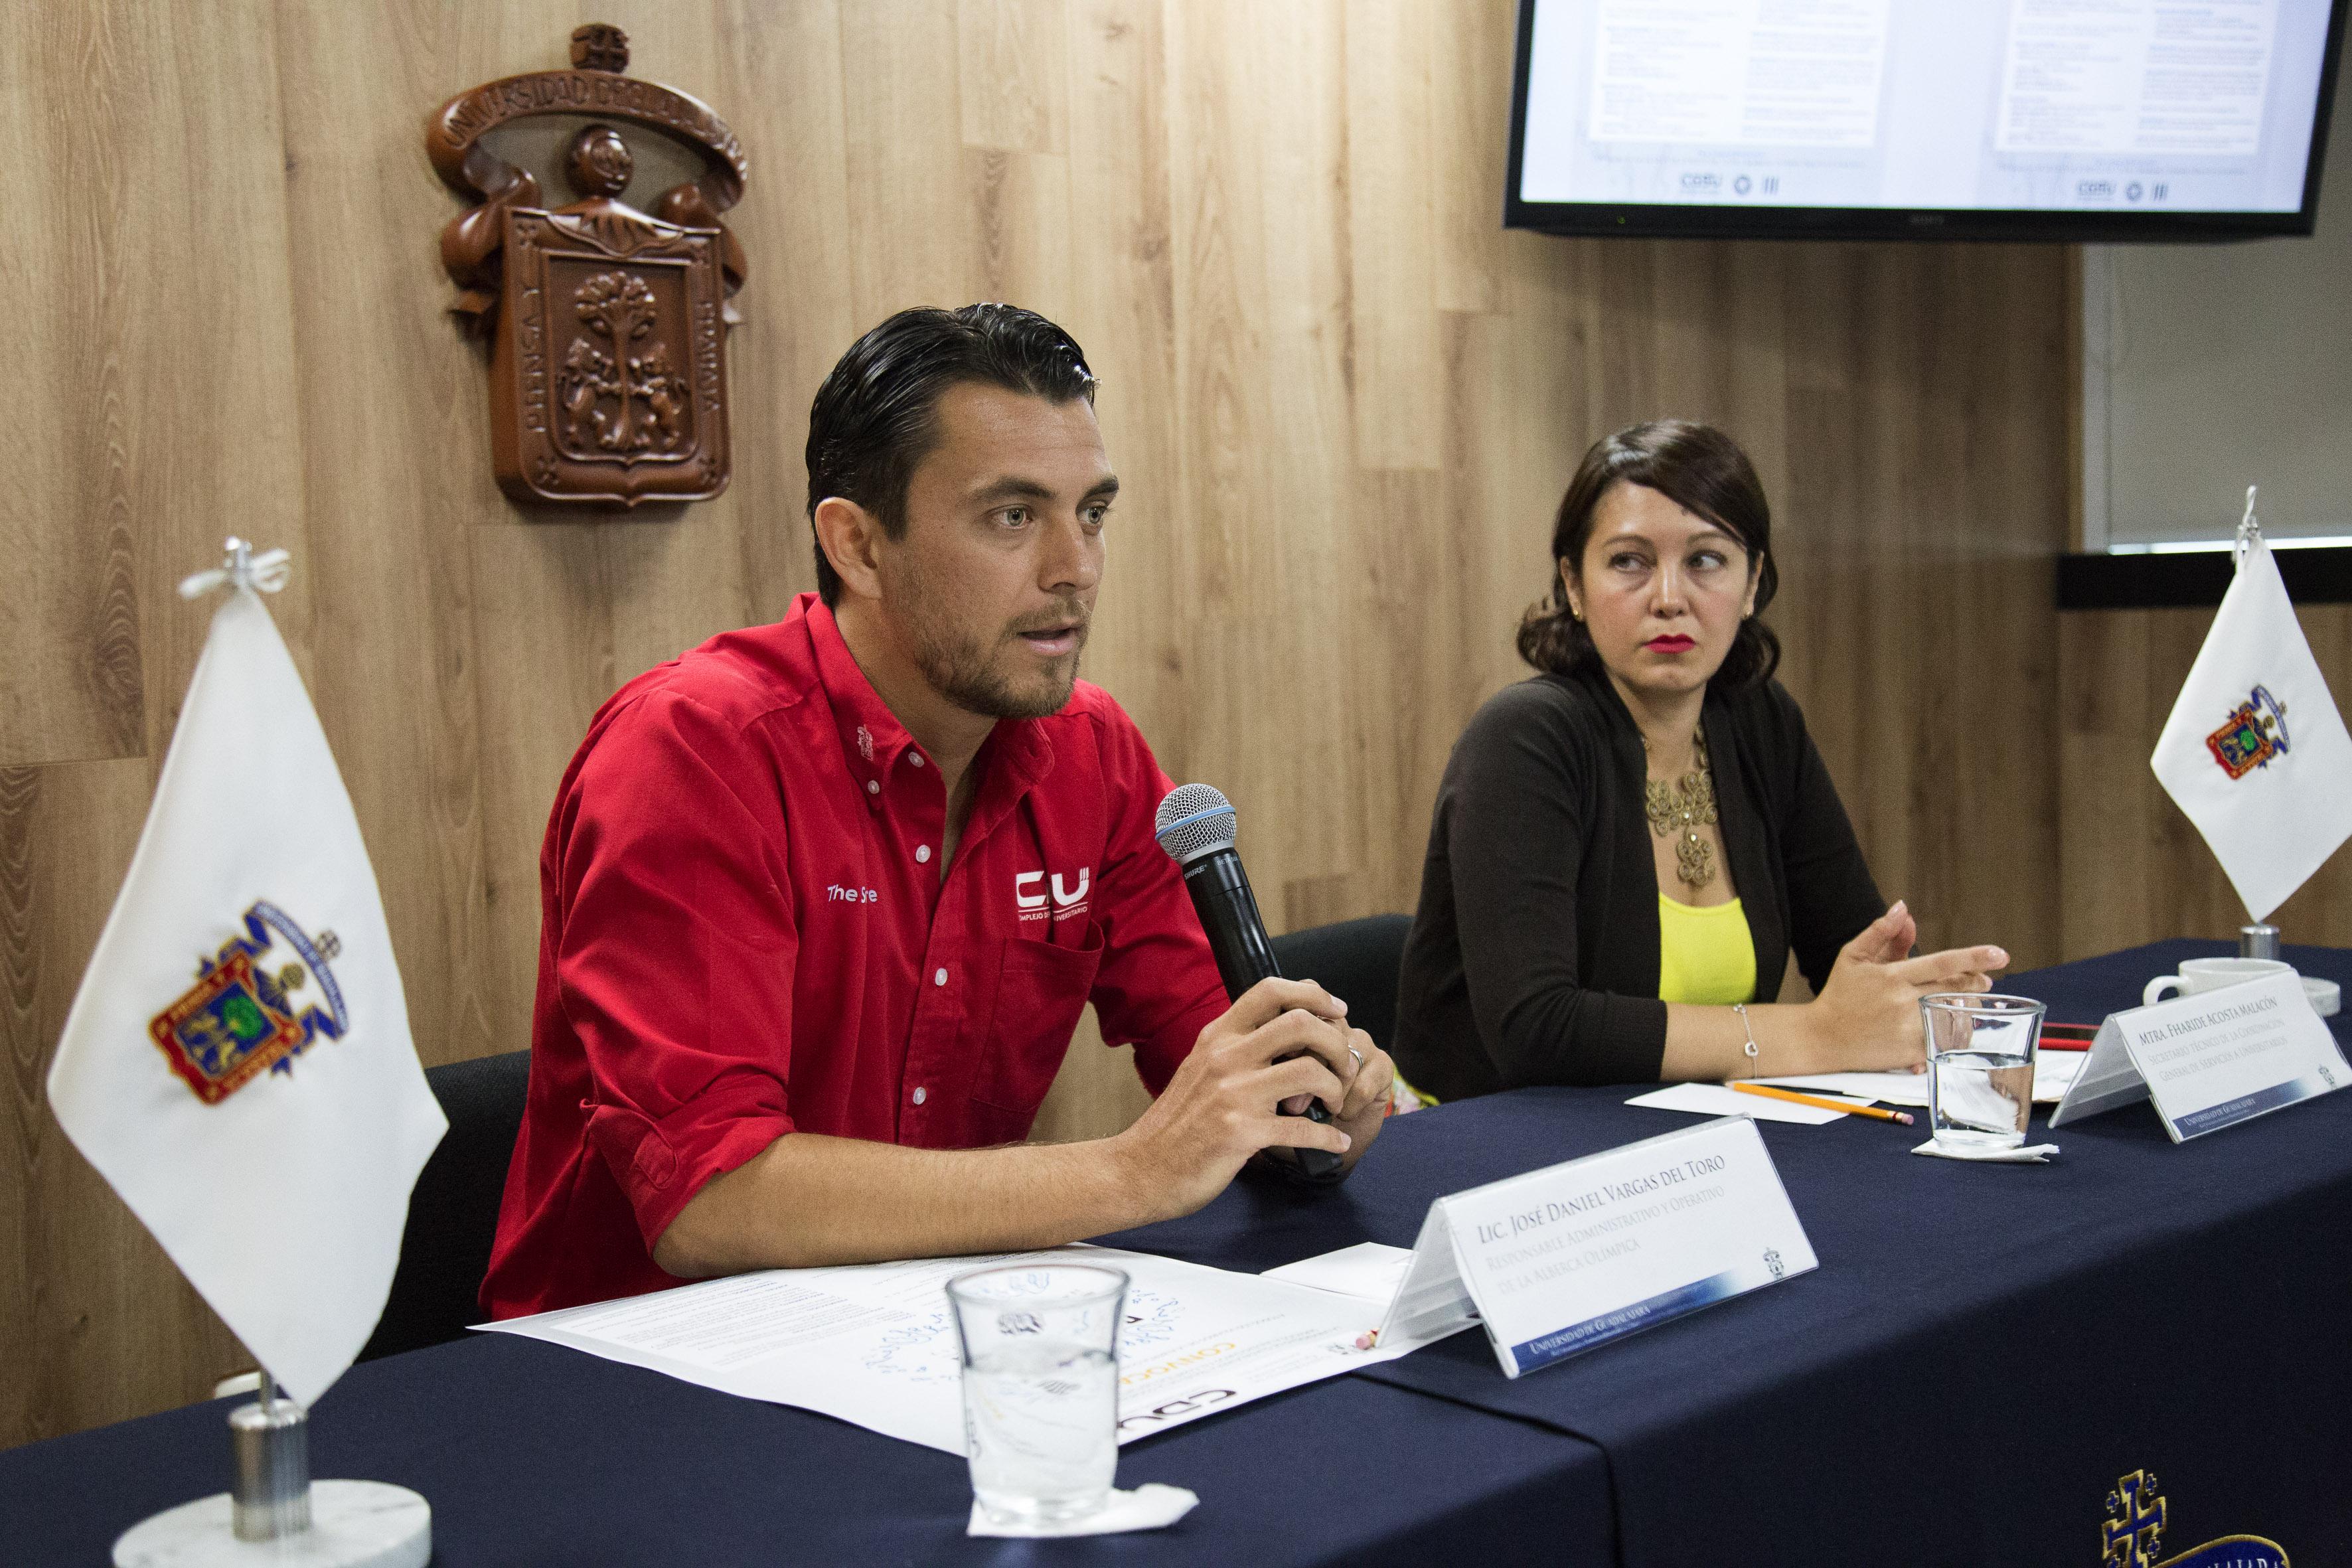 Lic. Daniel Vargas participando en rueda de prensa